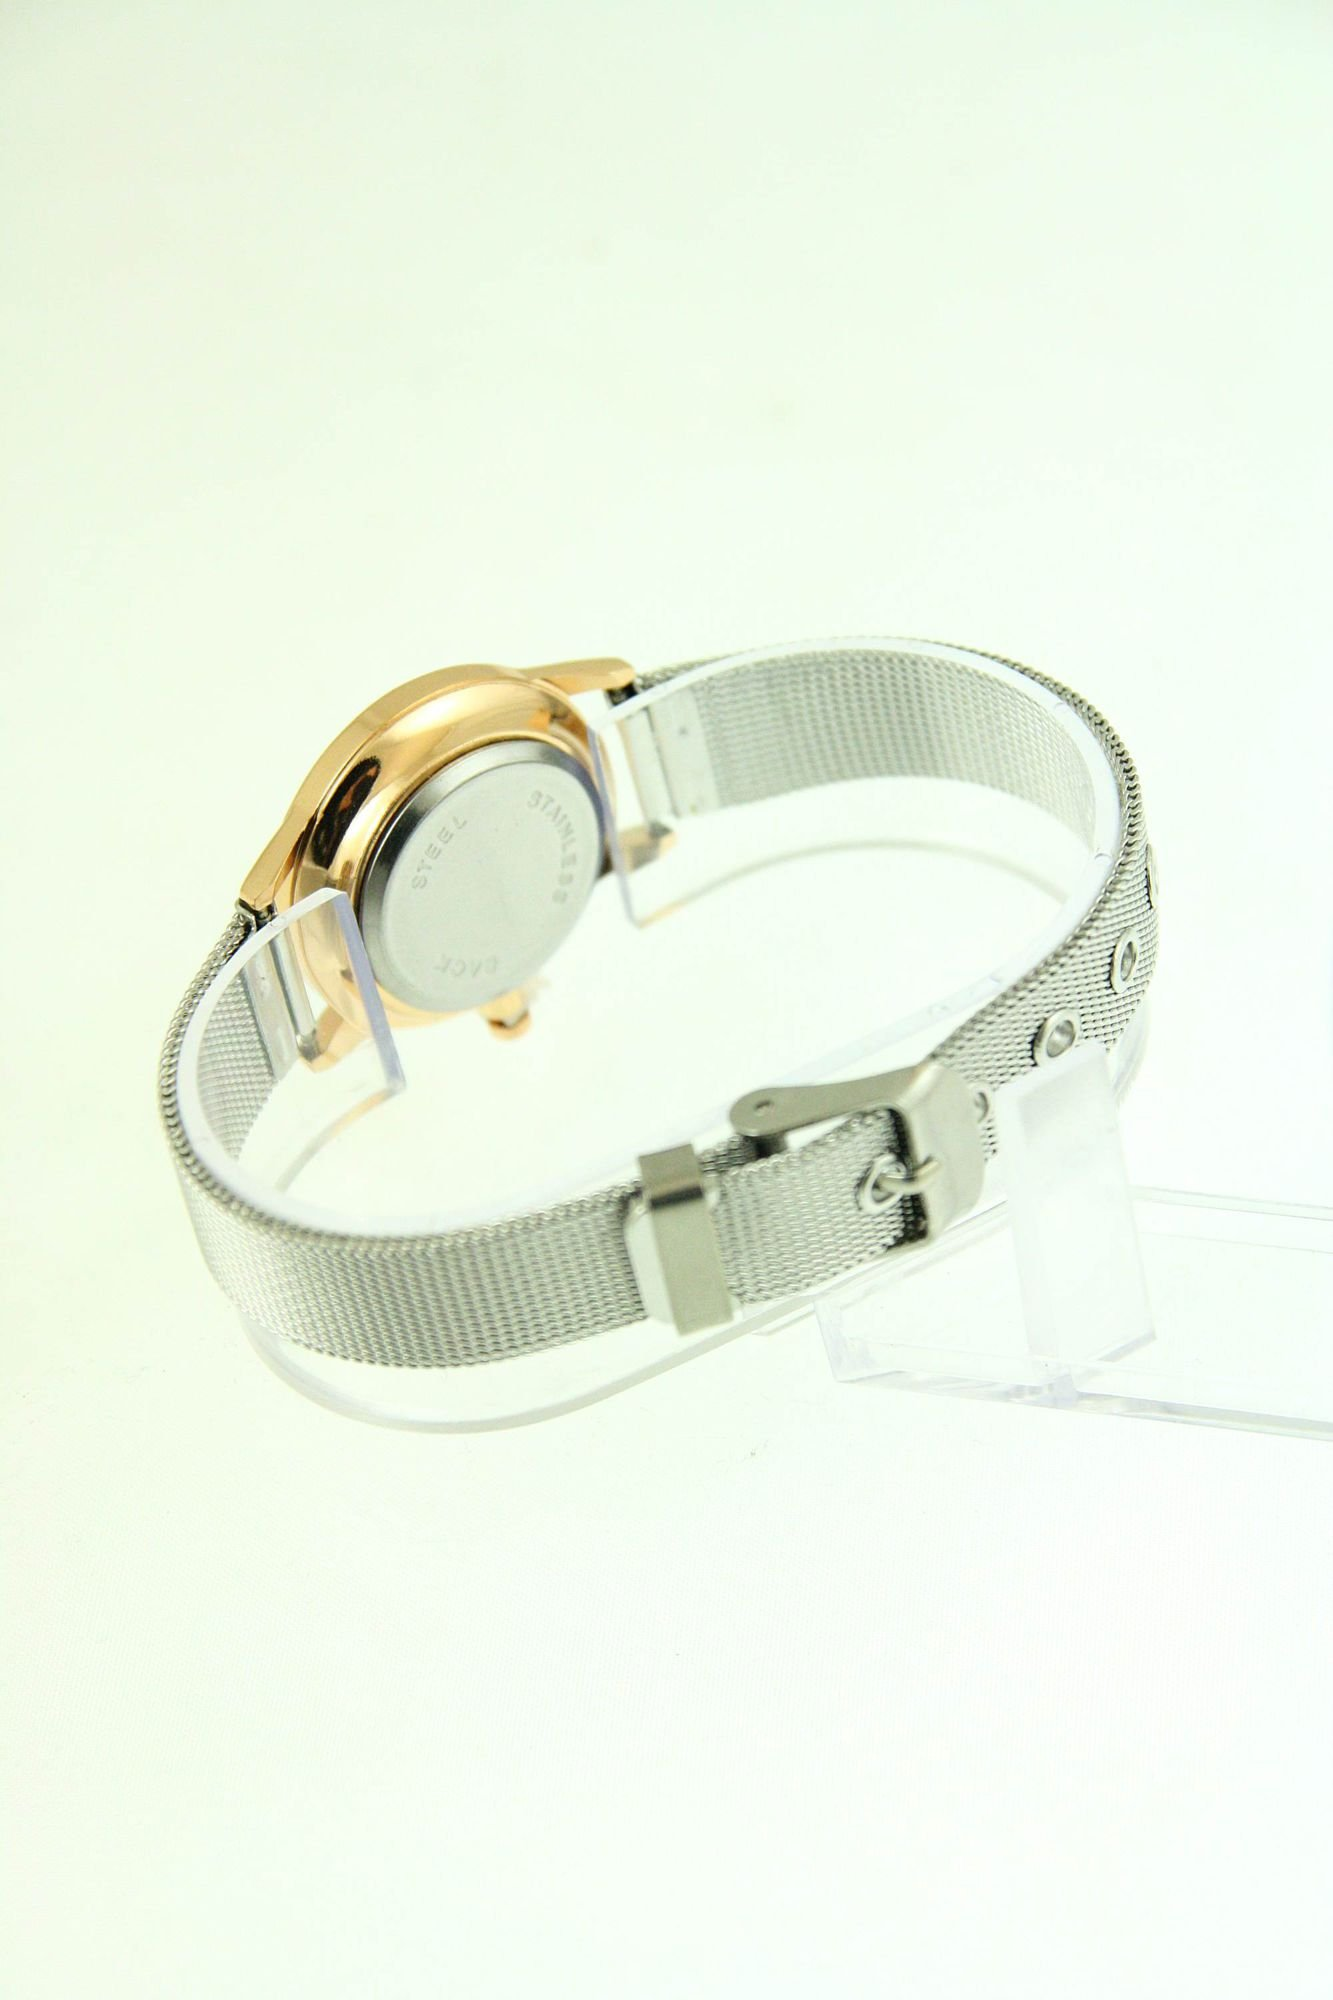 Mały biały zegarek damski na srebrnym pasku                                  zdj.                                  3